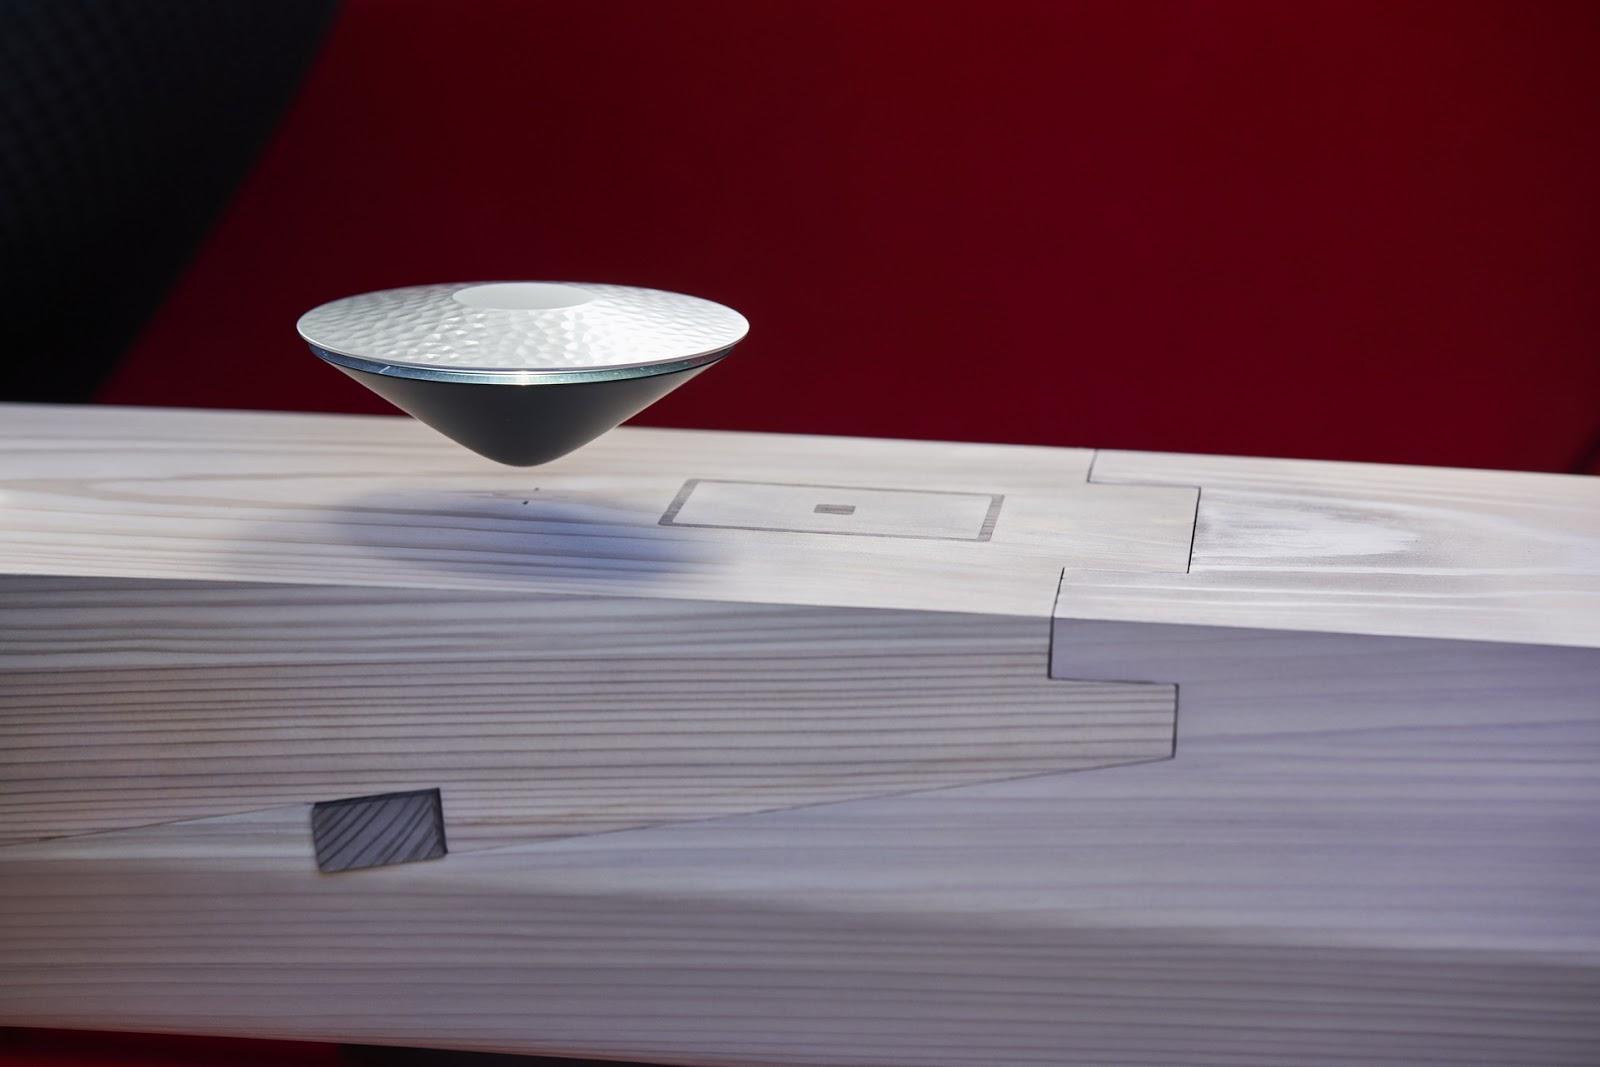 Nissan-Xmotion-Concept-433